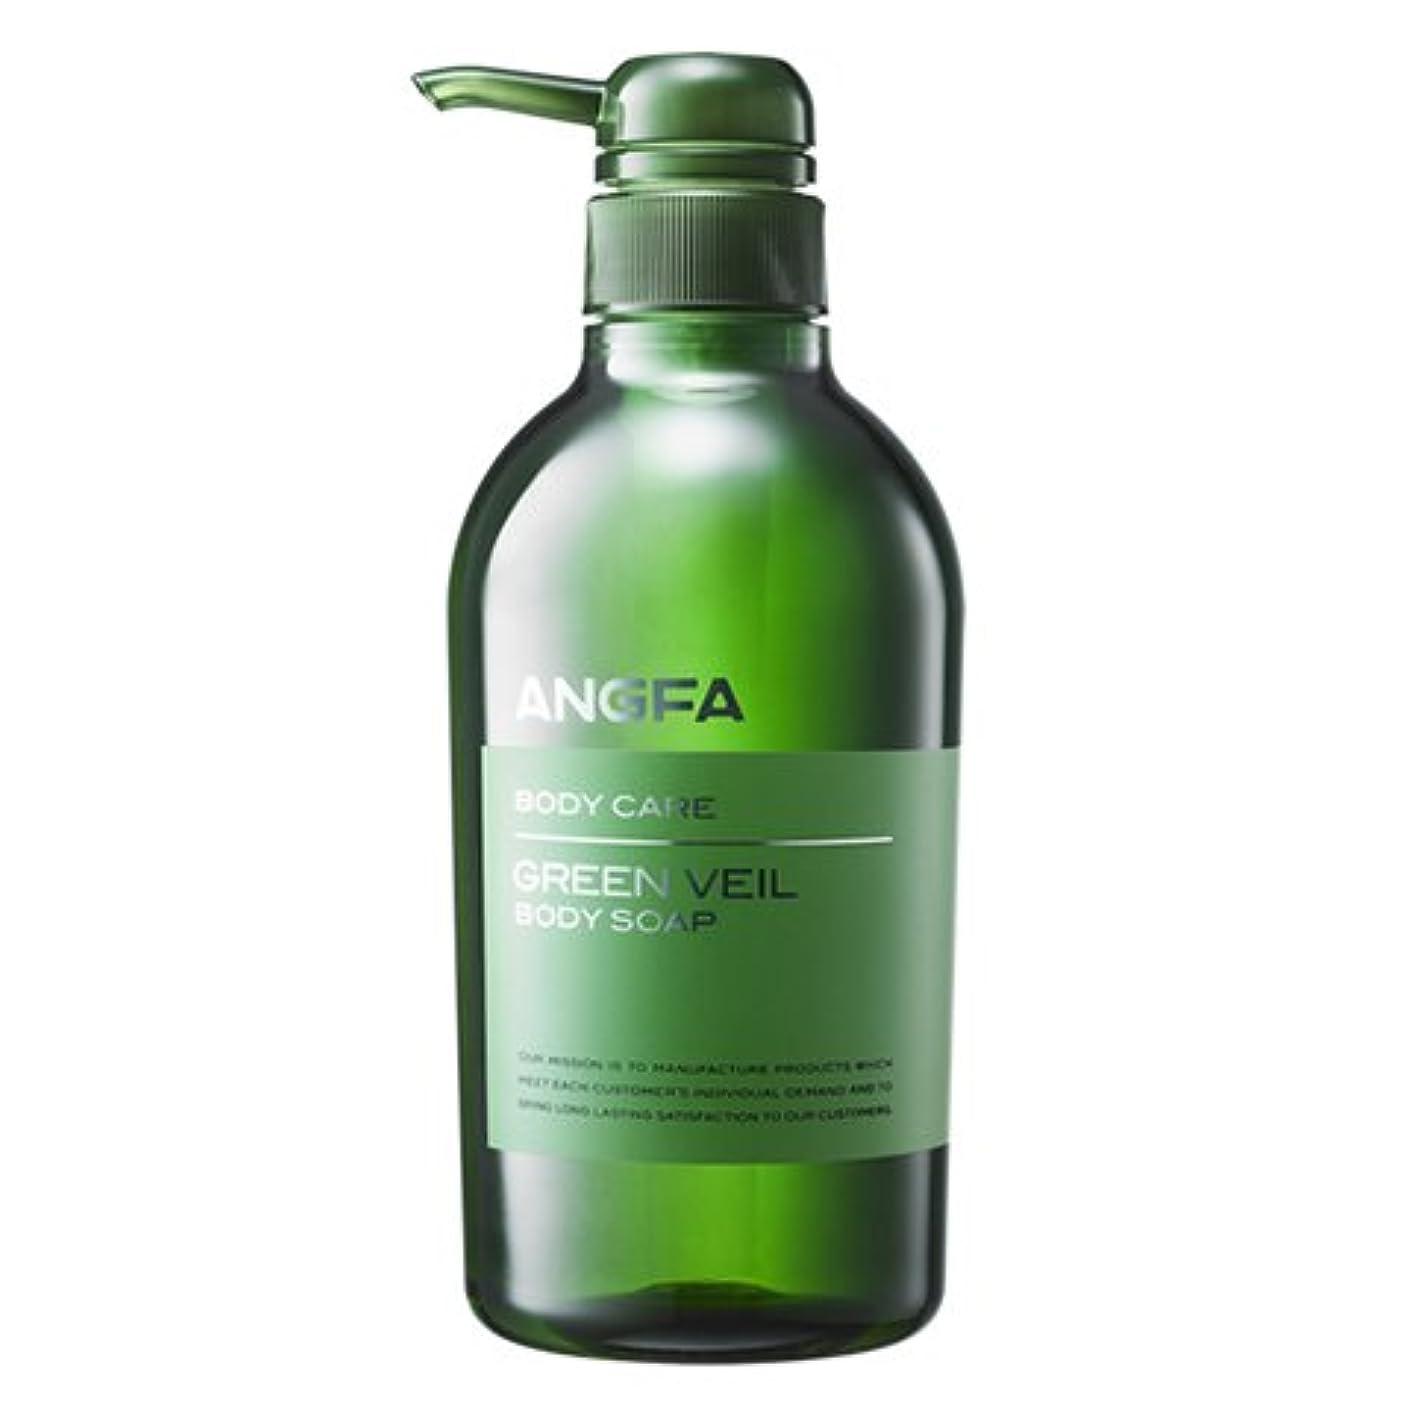 バーゲンショッピングセンターショッピングセンターアンファー (ANGFA) グリーンベール 薬用ボディソープ 500ml グリーンフローラル [乾燥?保湿] かゆみ肌